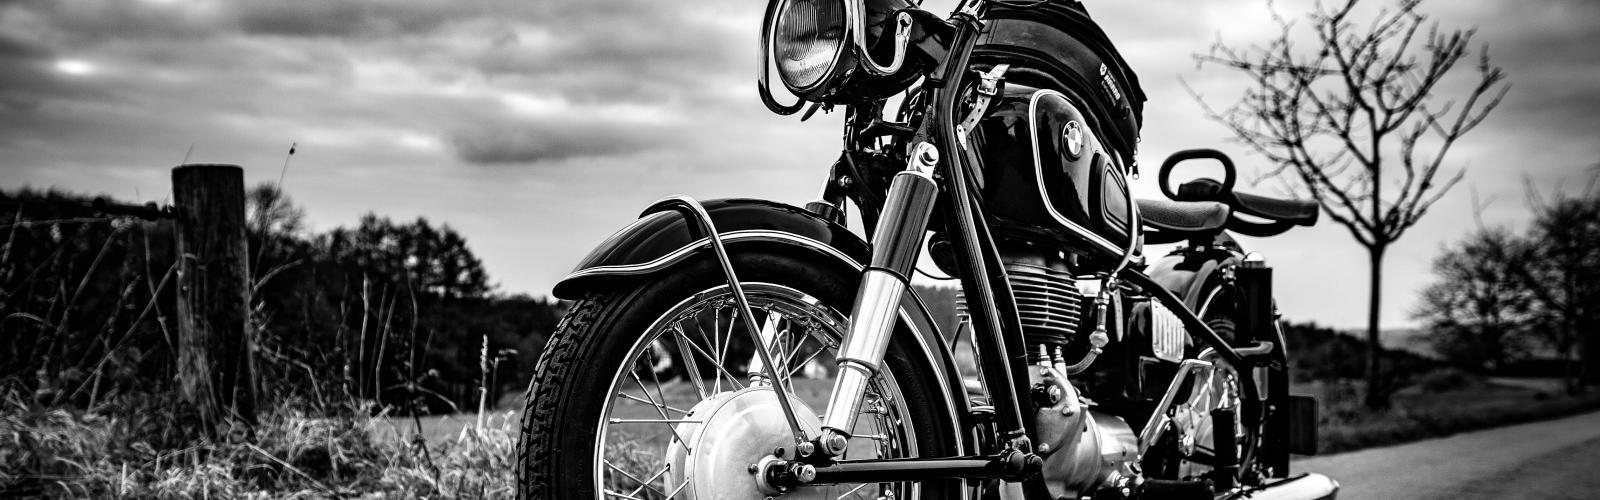 Parcus - Nos produits - Nos abonnements Moto